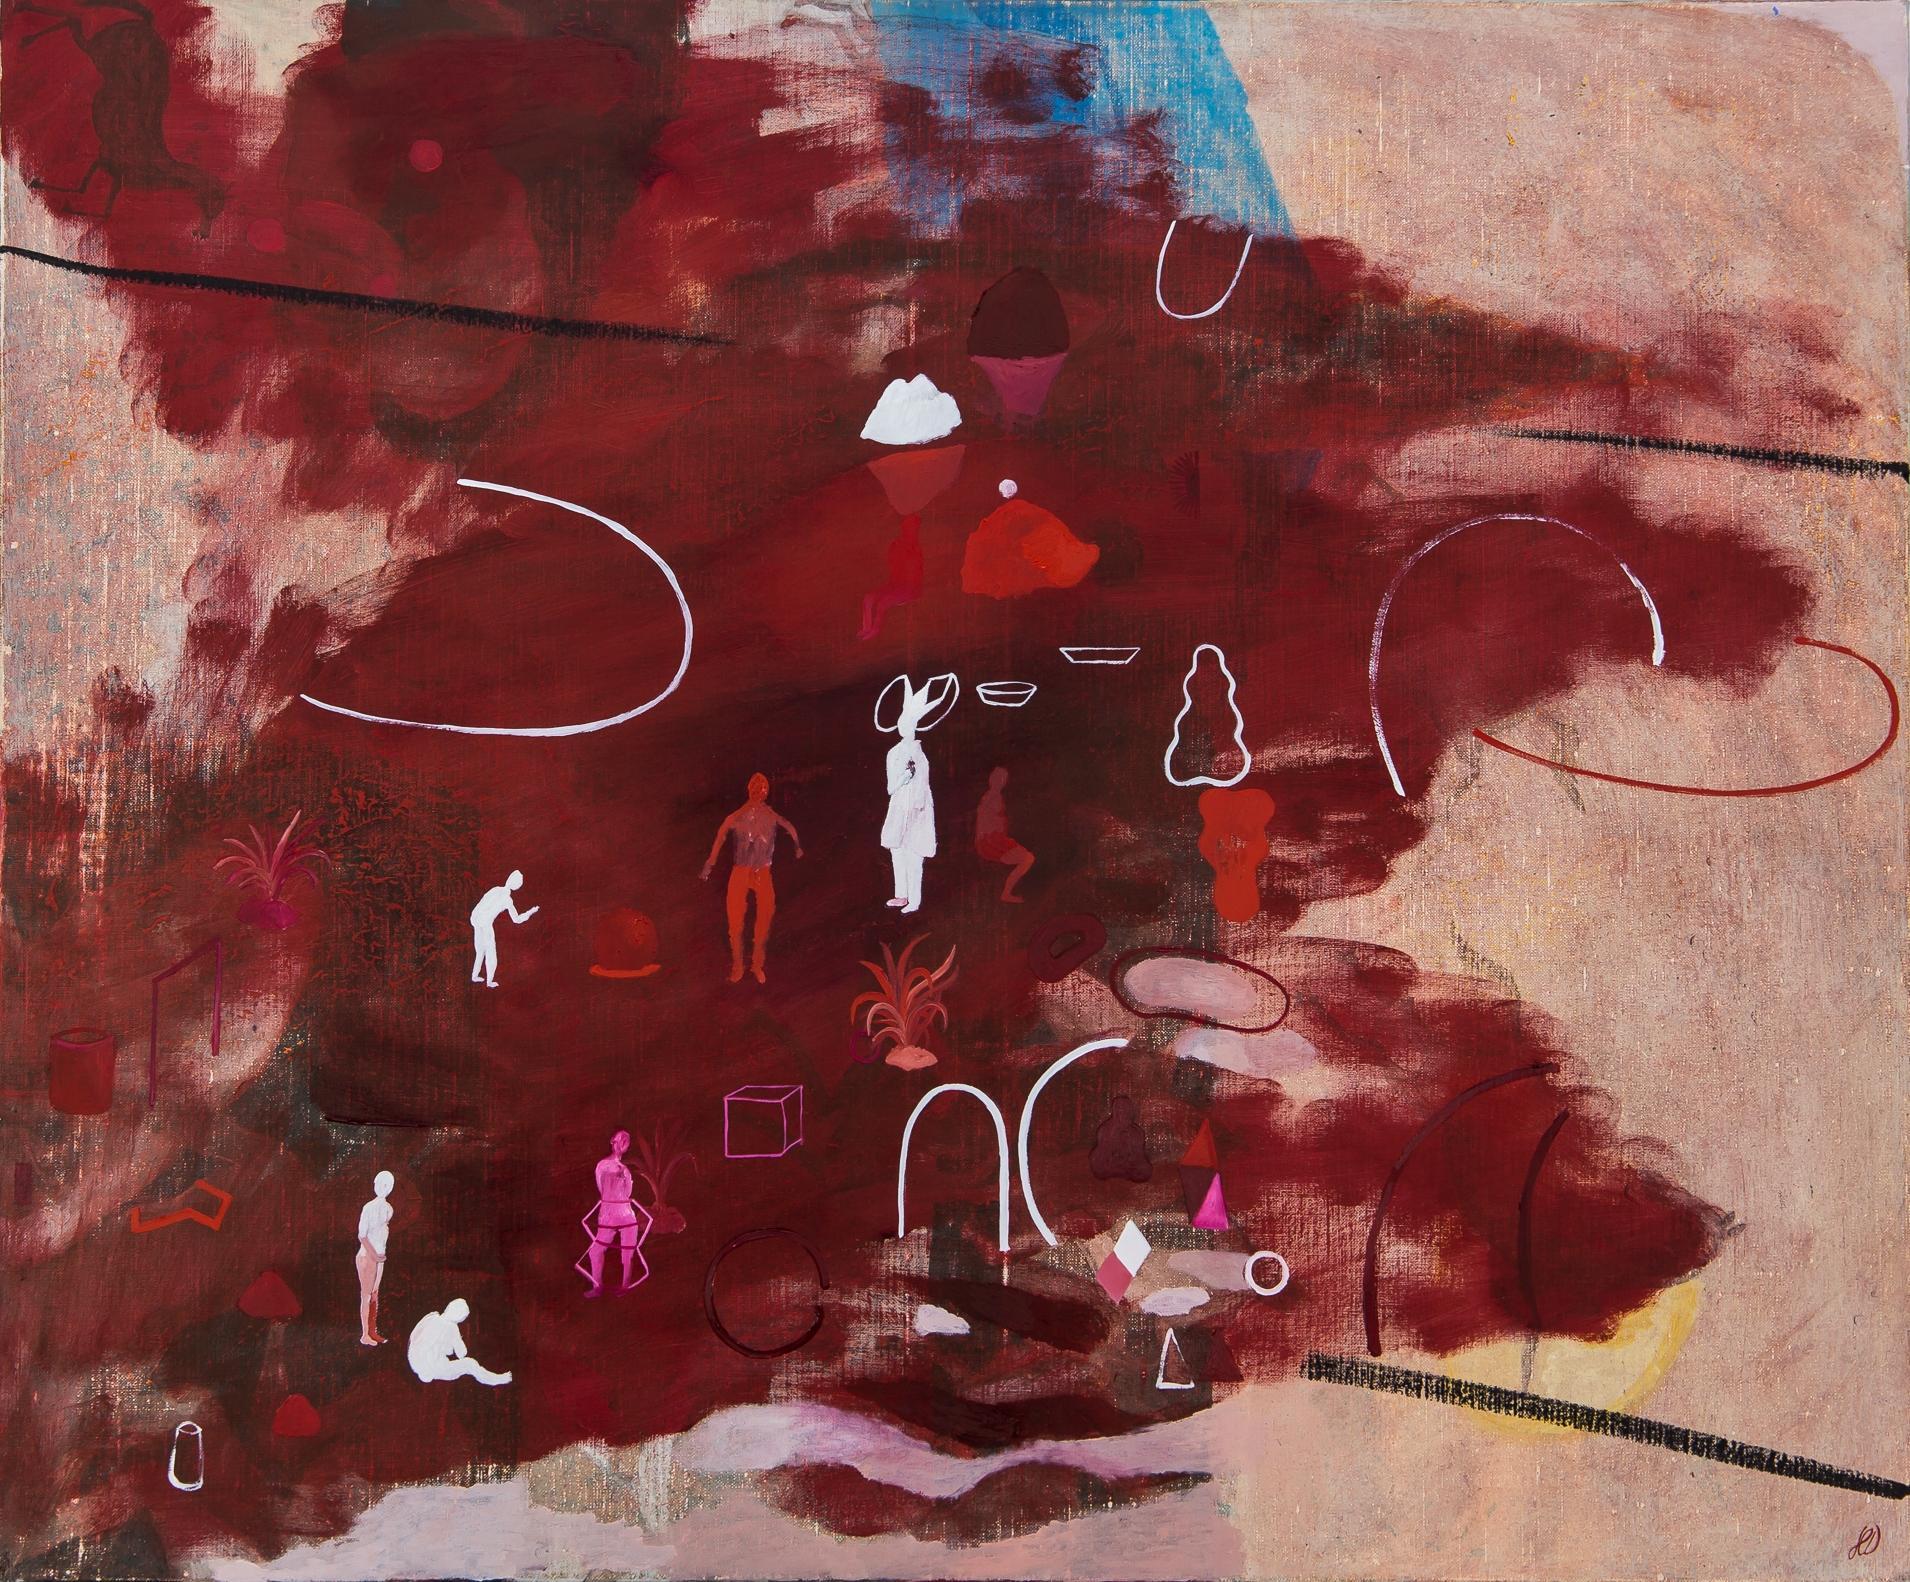 Selective memory #3 - Hélène Duclos, 21st Century, Contemporary painting